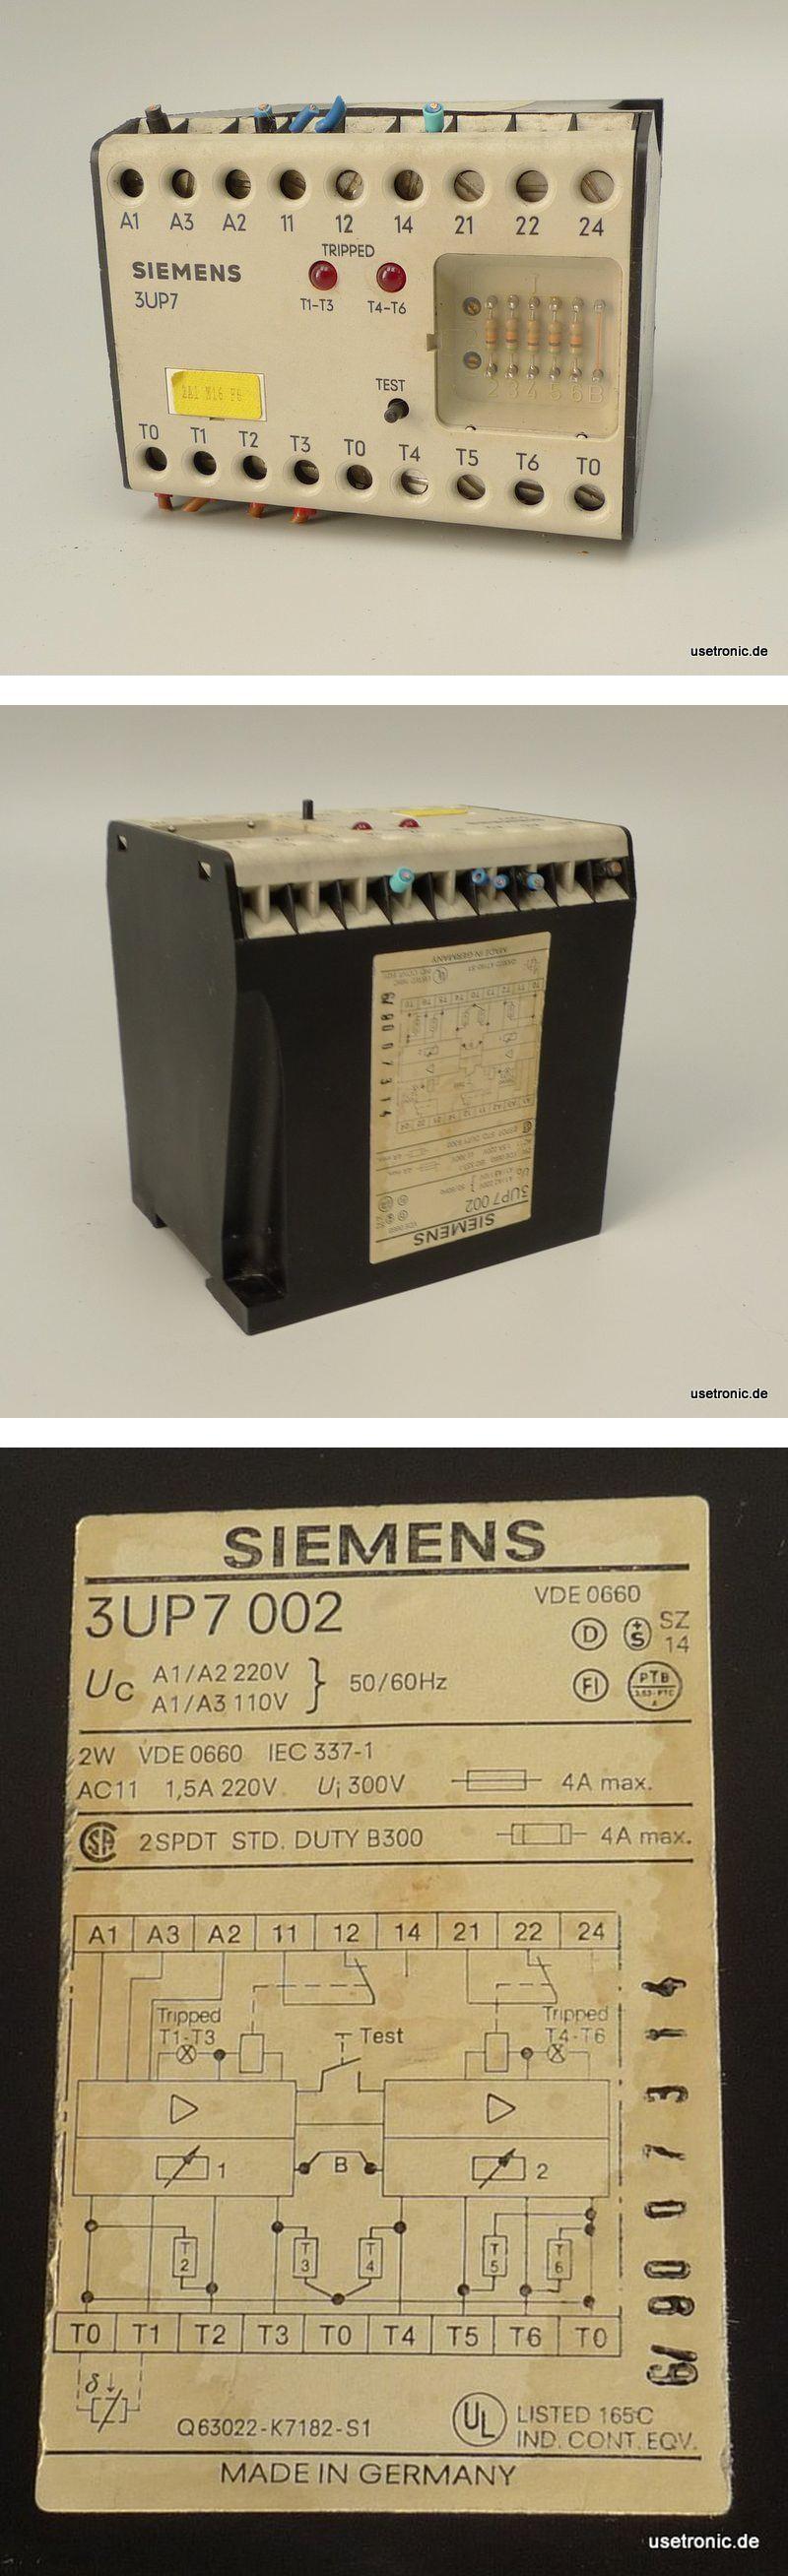 Siemens ,3UP7002 ,Heissleiter-Auslösegerät